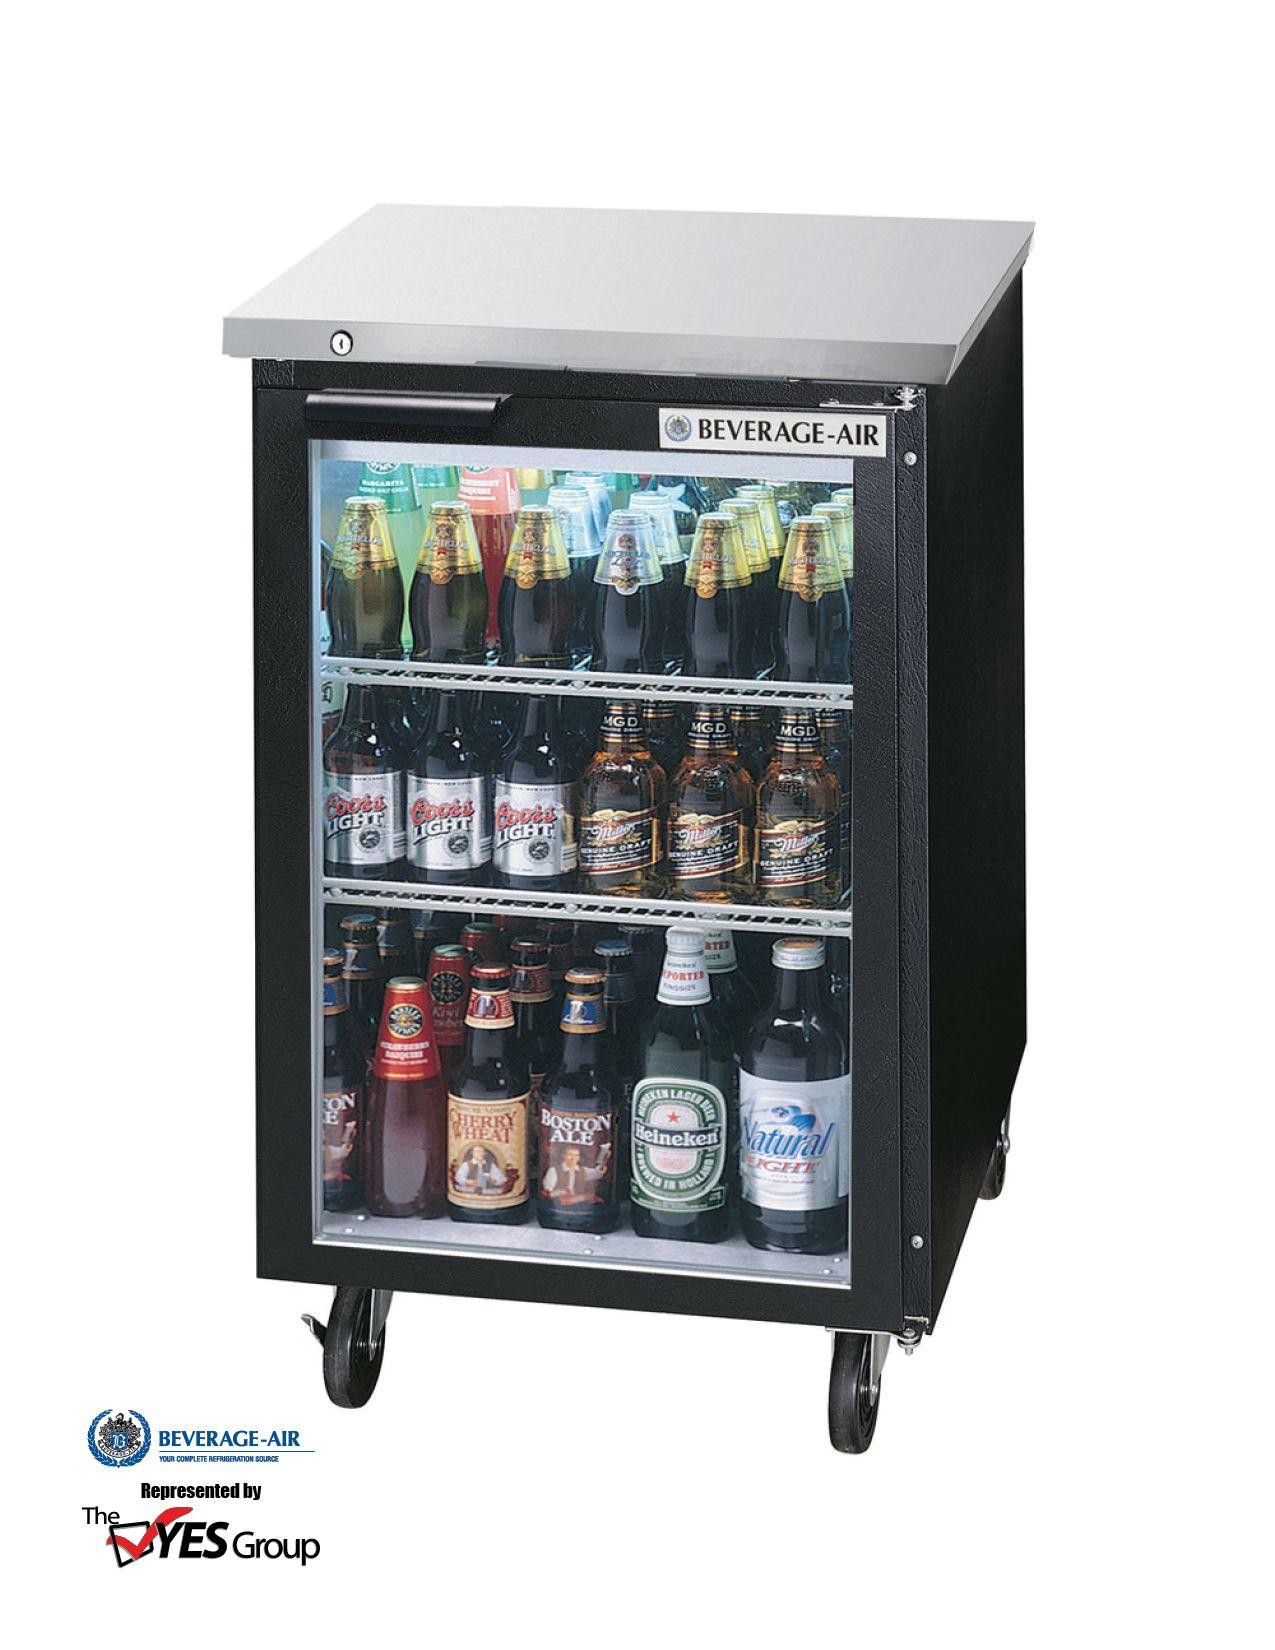 Mini Beer Cooler by BeverageAir in 2019 Beer cooler